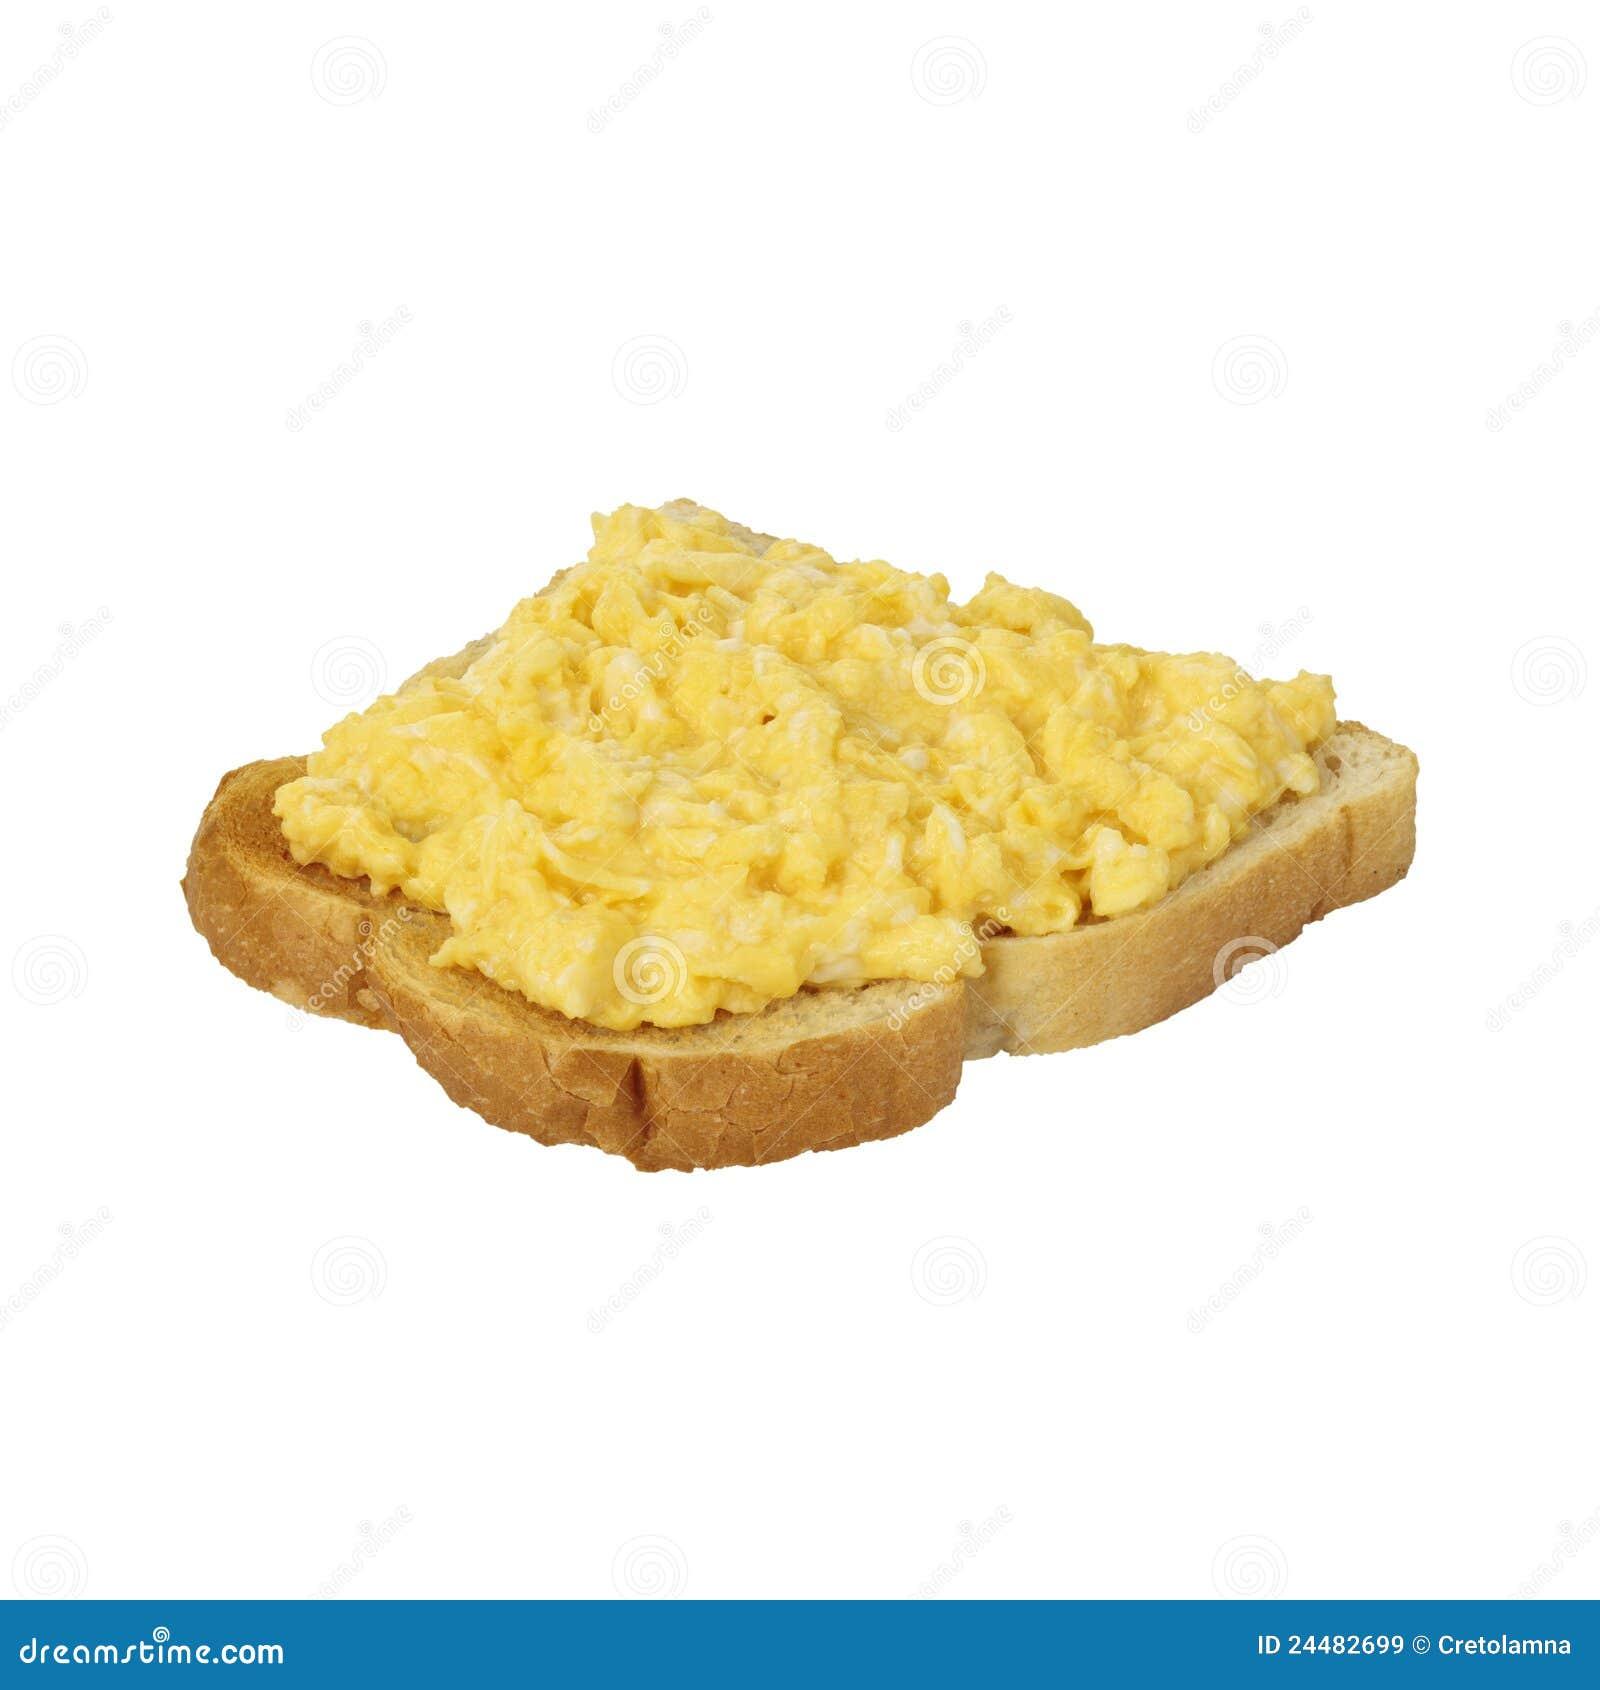 scrambled-egg-toast-24482699.jpg